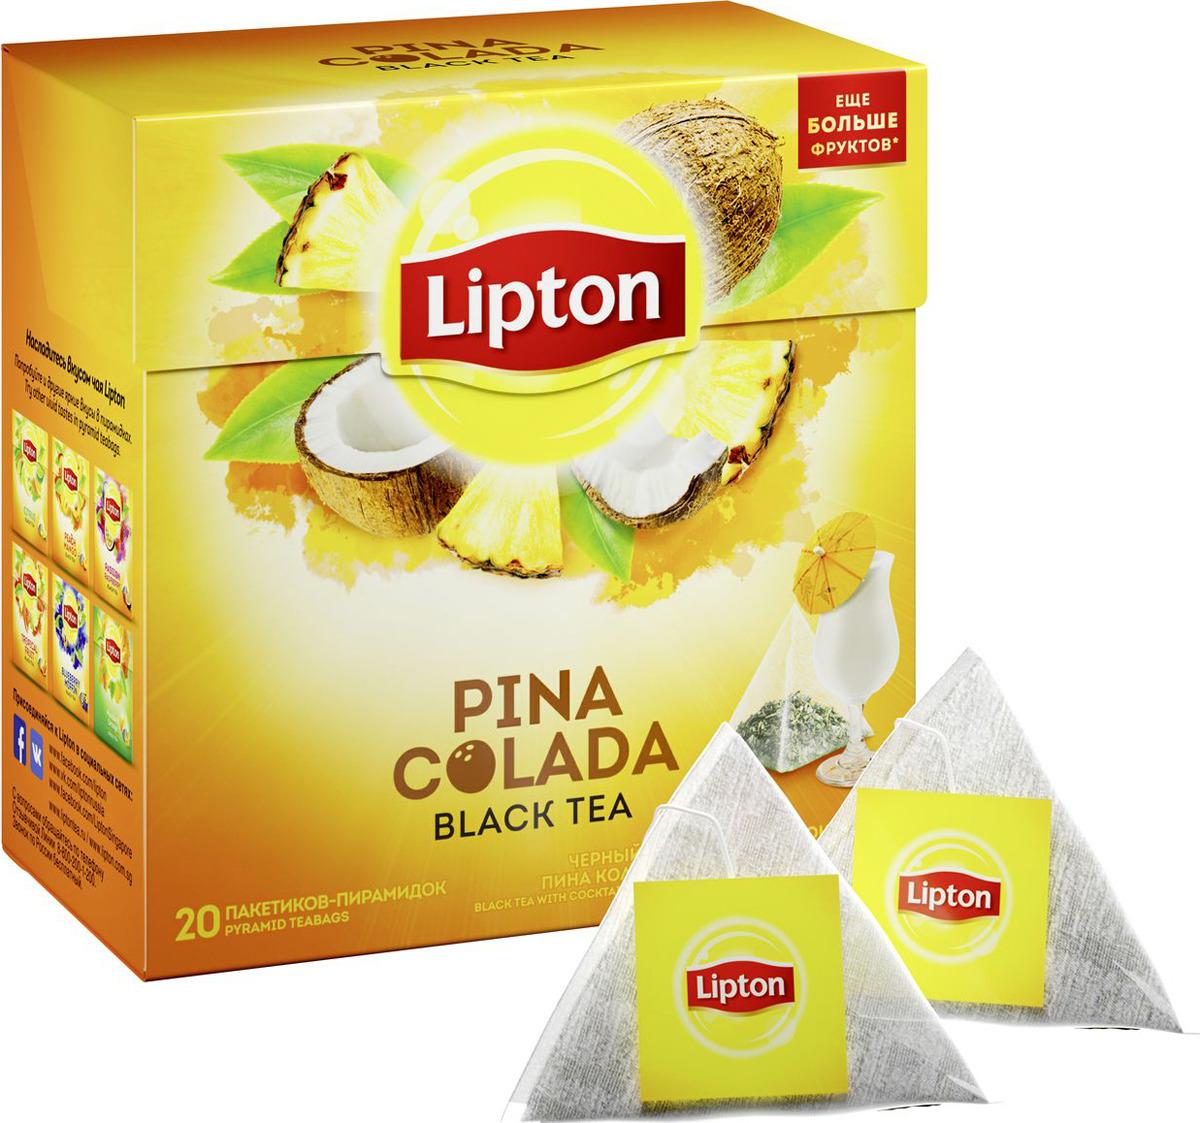 Lipton Pina Colada черный чай в пирамидках, 20 шт цена